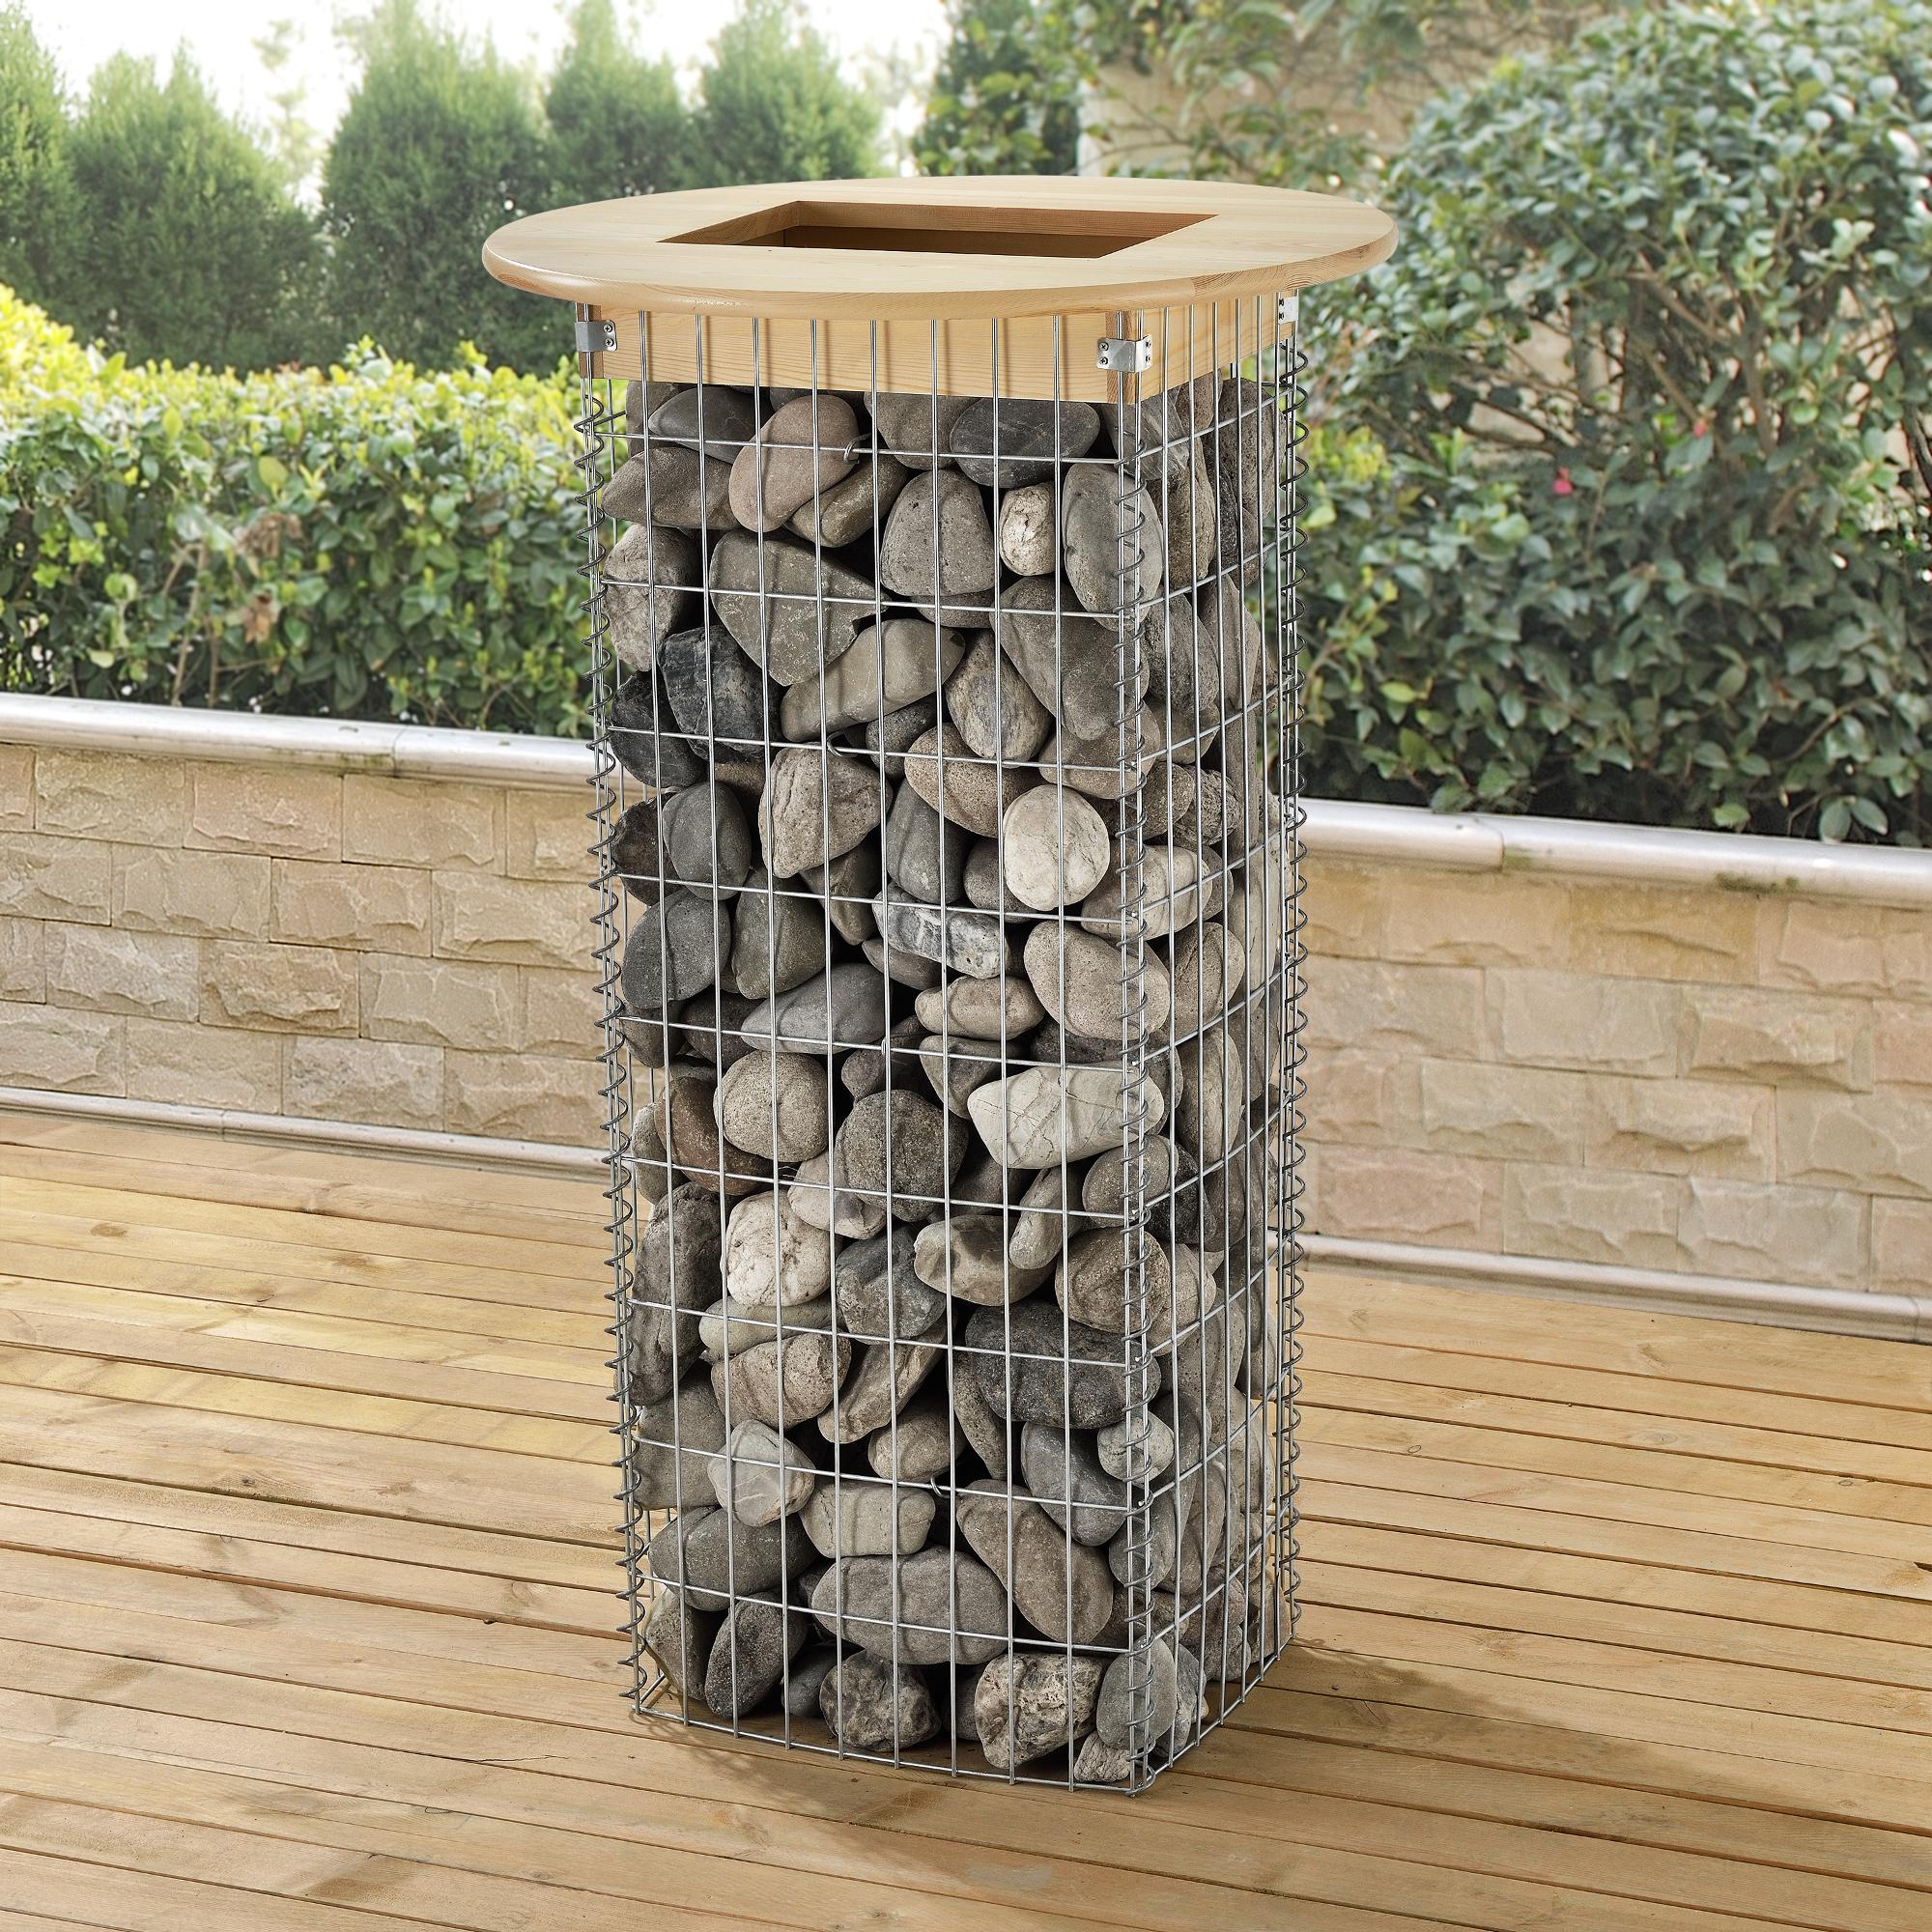 gabione 115x43x34cm steinkorb drahtkorb s ule stein gabionen eckig 4059438099526 ebay. Black Bedroom Furniture Sets. Home Design Ideas